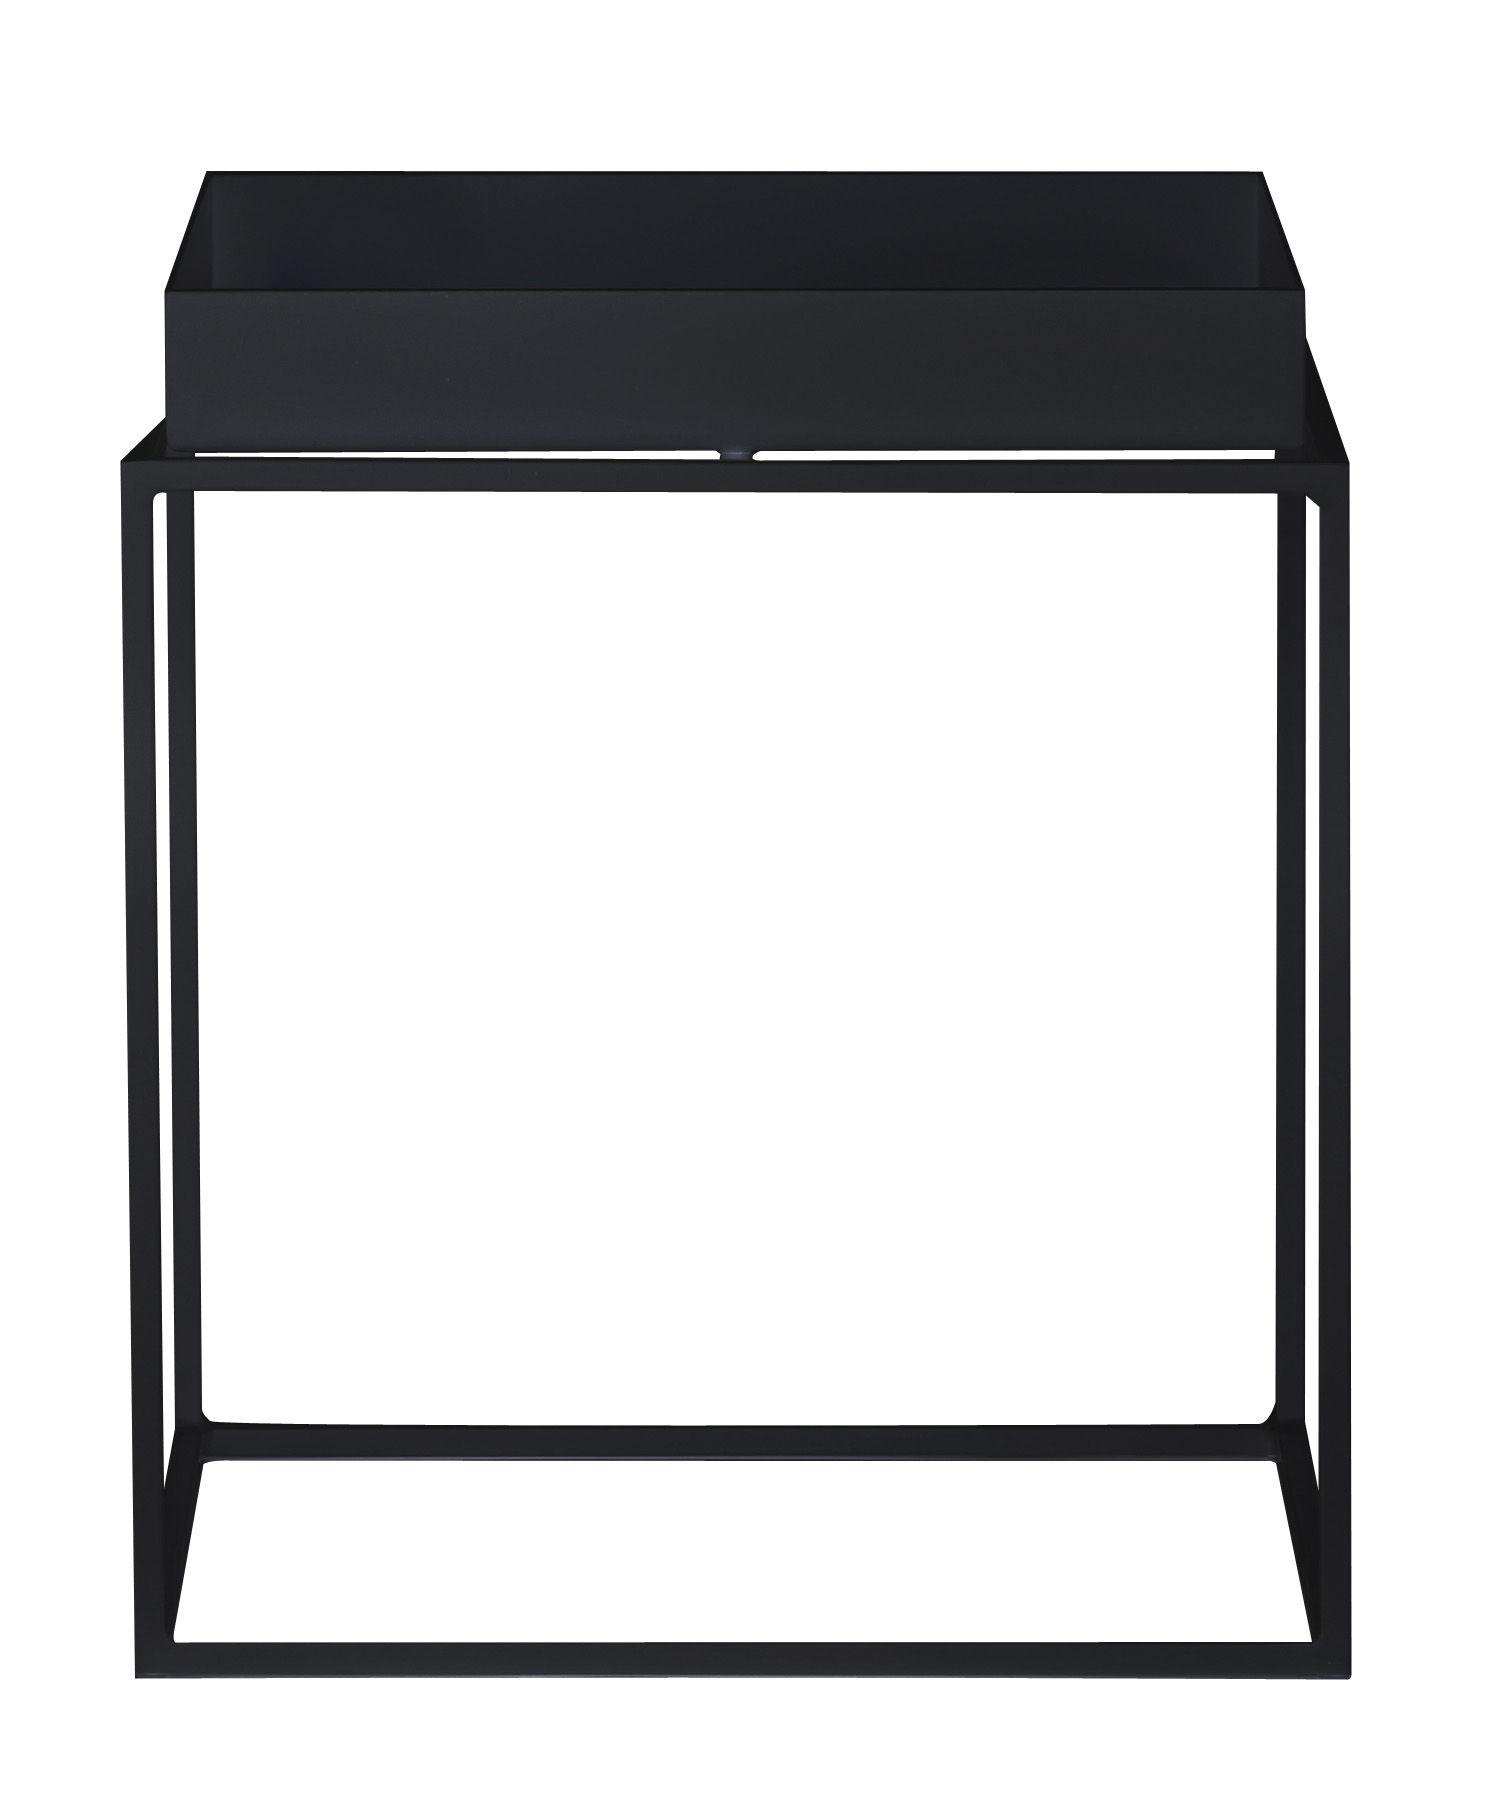 Arredamento - Tavolini  - Tavolino Tray - h 40 cm - 40 x 40 cm di Hay - Nero - Acciaio laccato